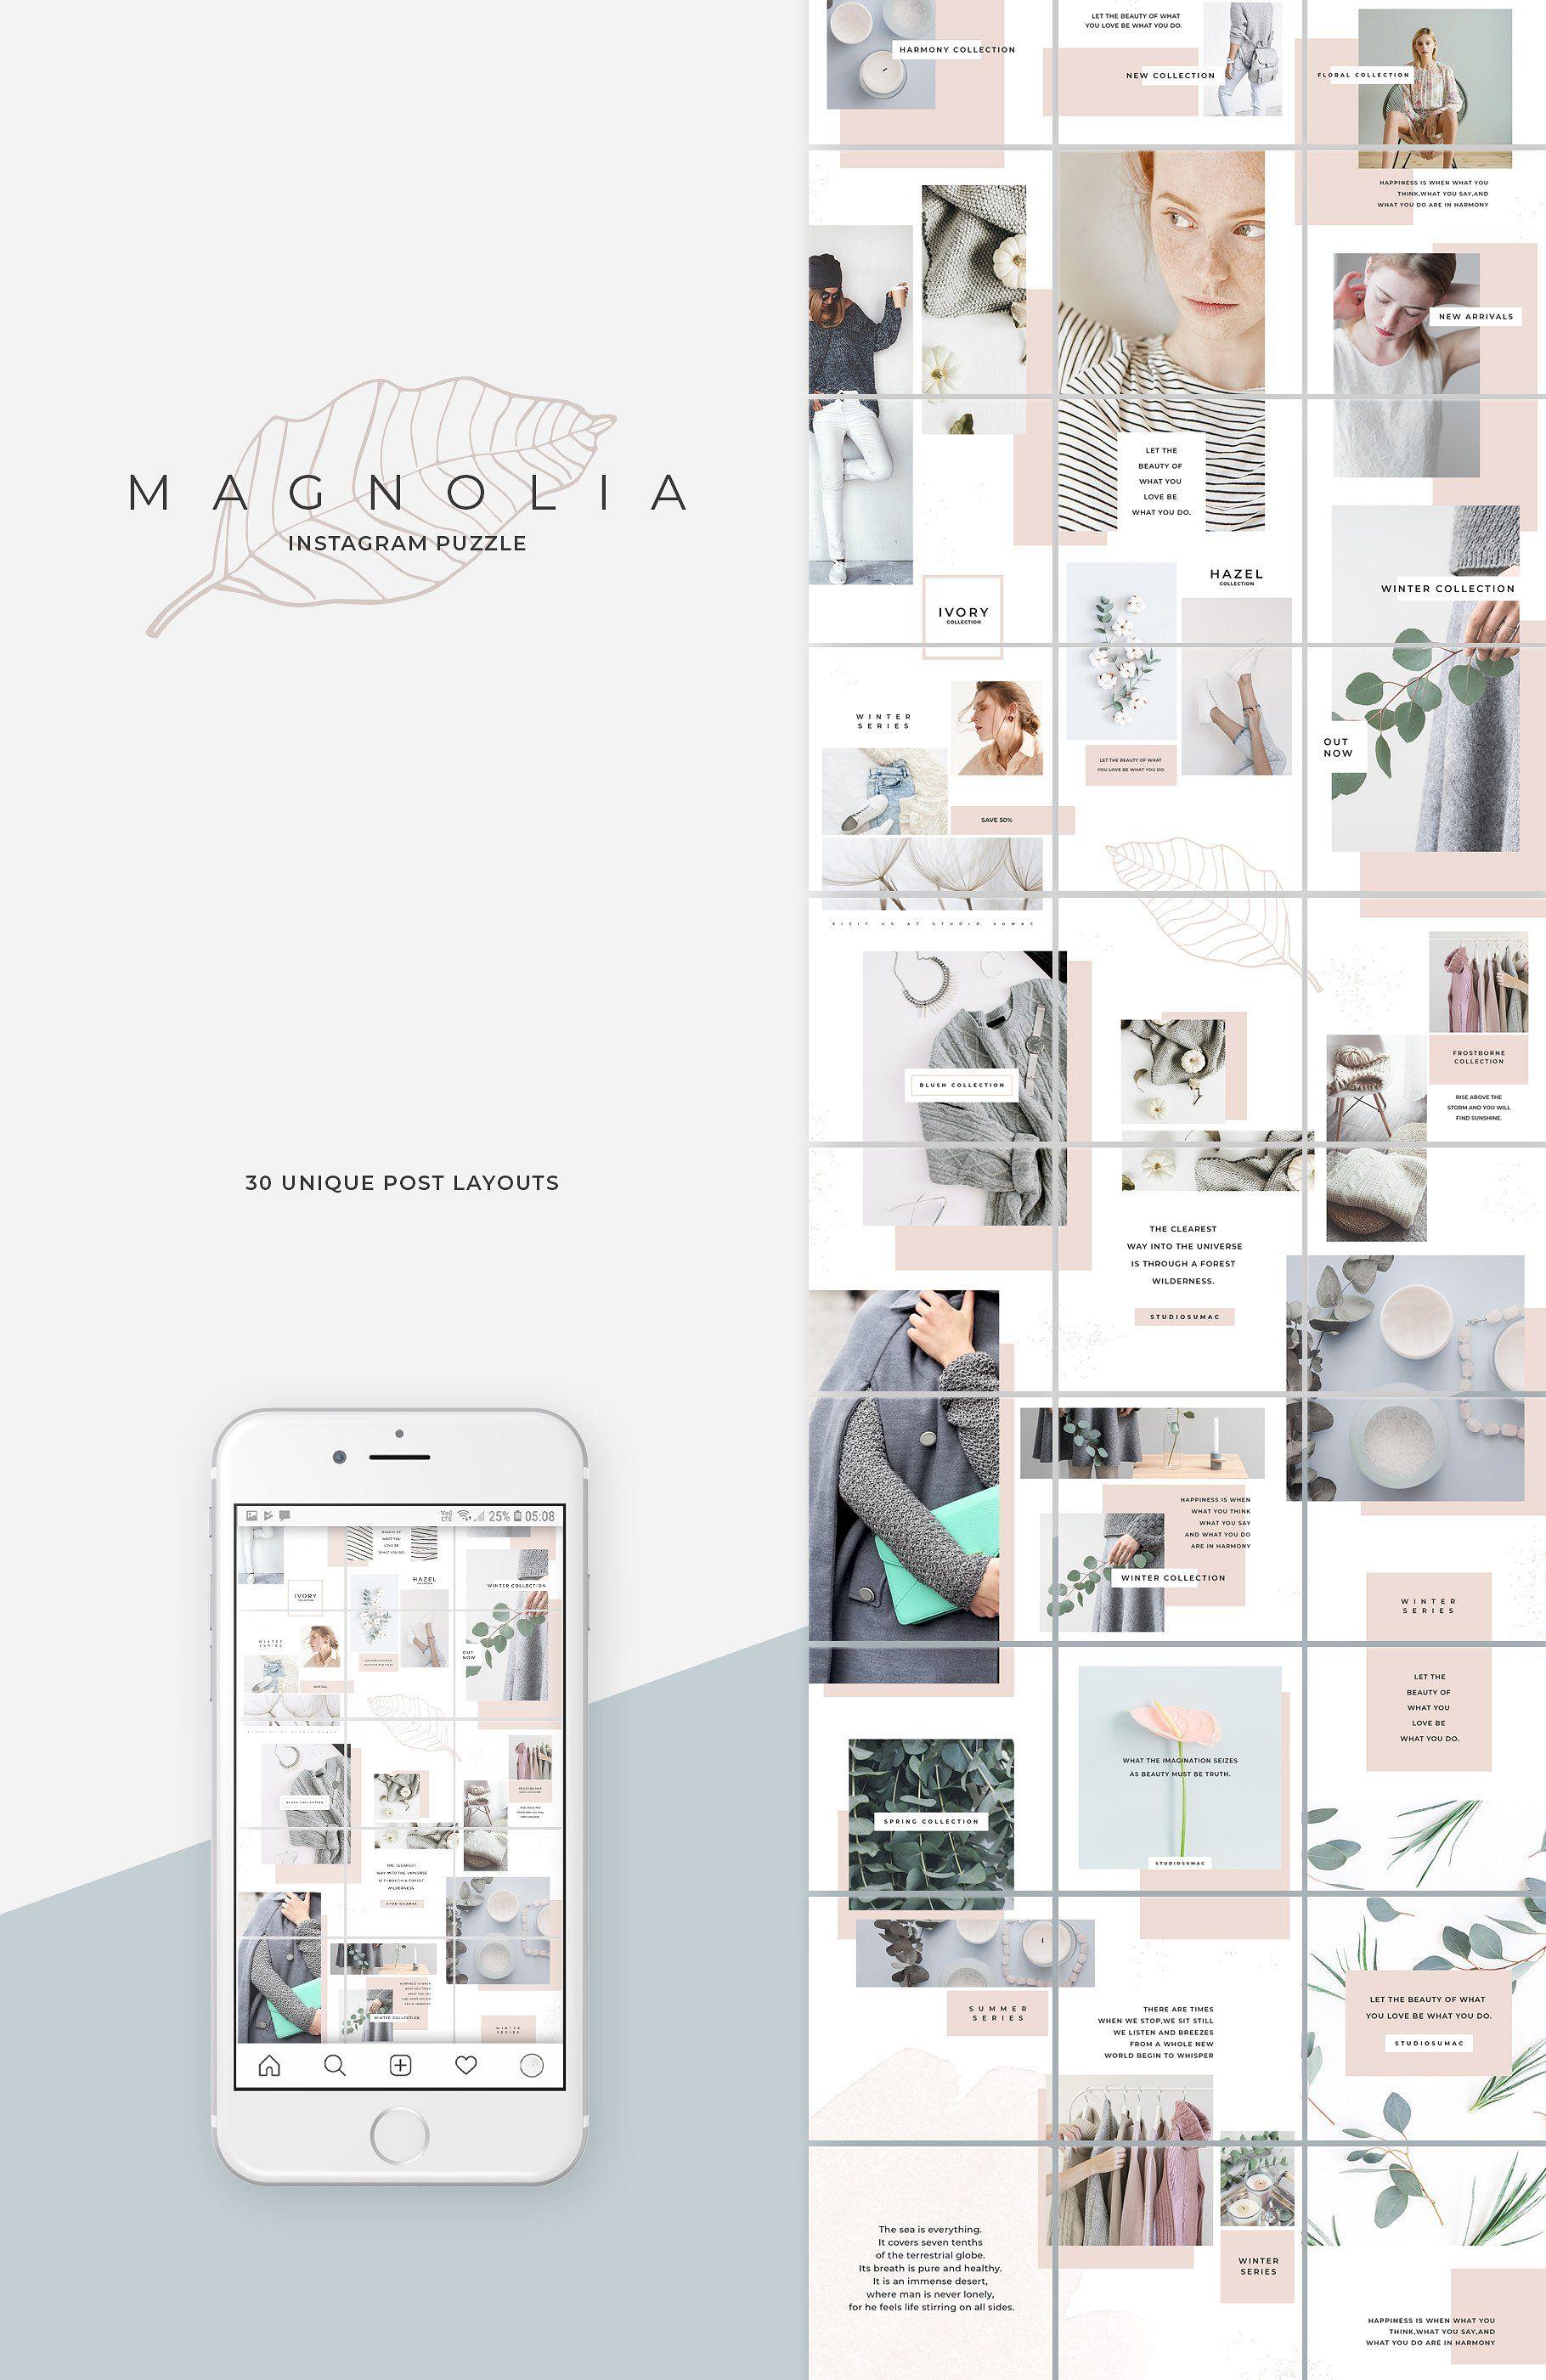 Magnolia Instagram Puzzle Template Instagram Template Design Design Instagram Design